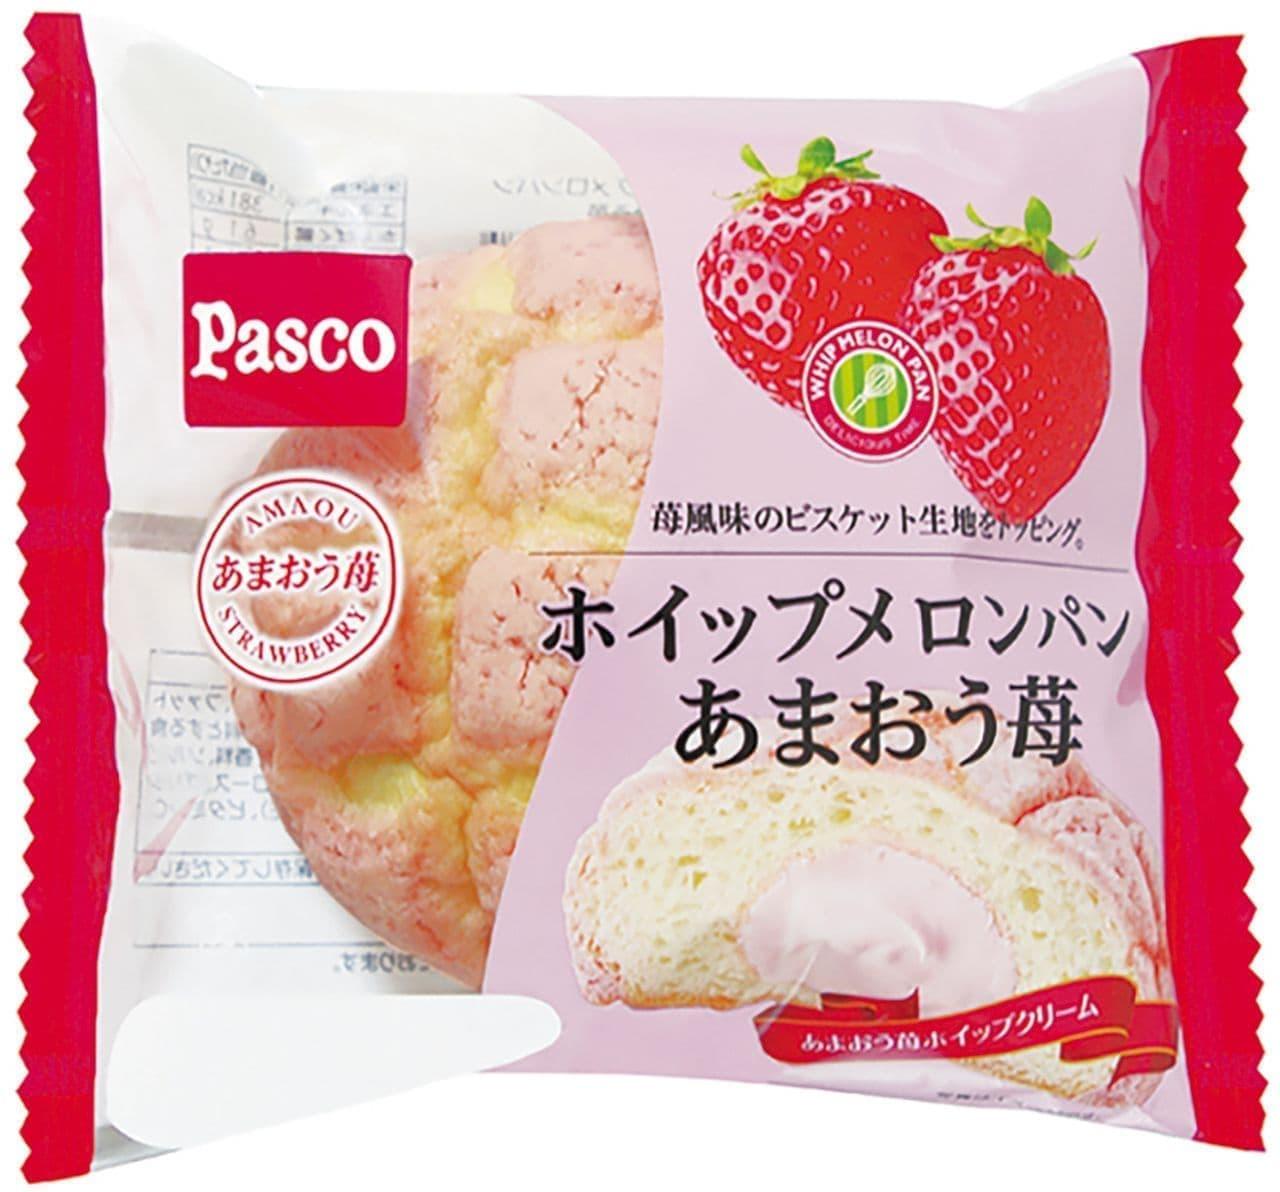 パスコ「ホイップメロンパン あまおう苺」